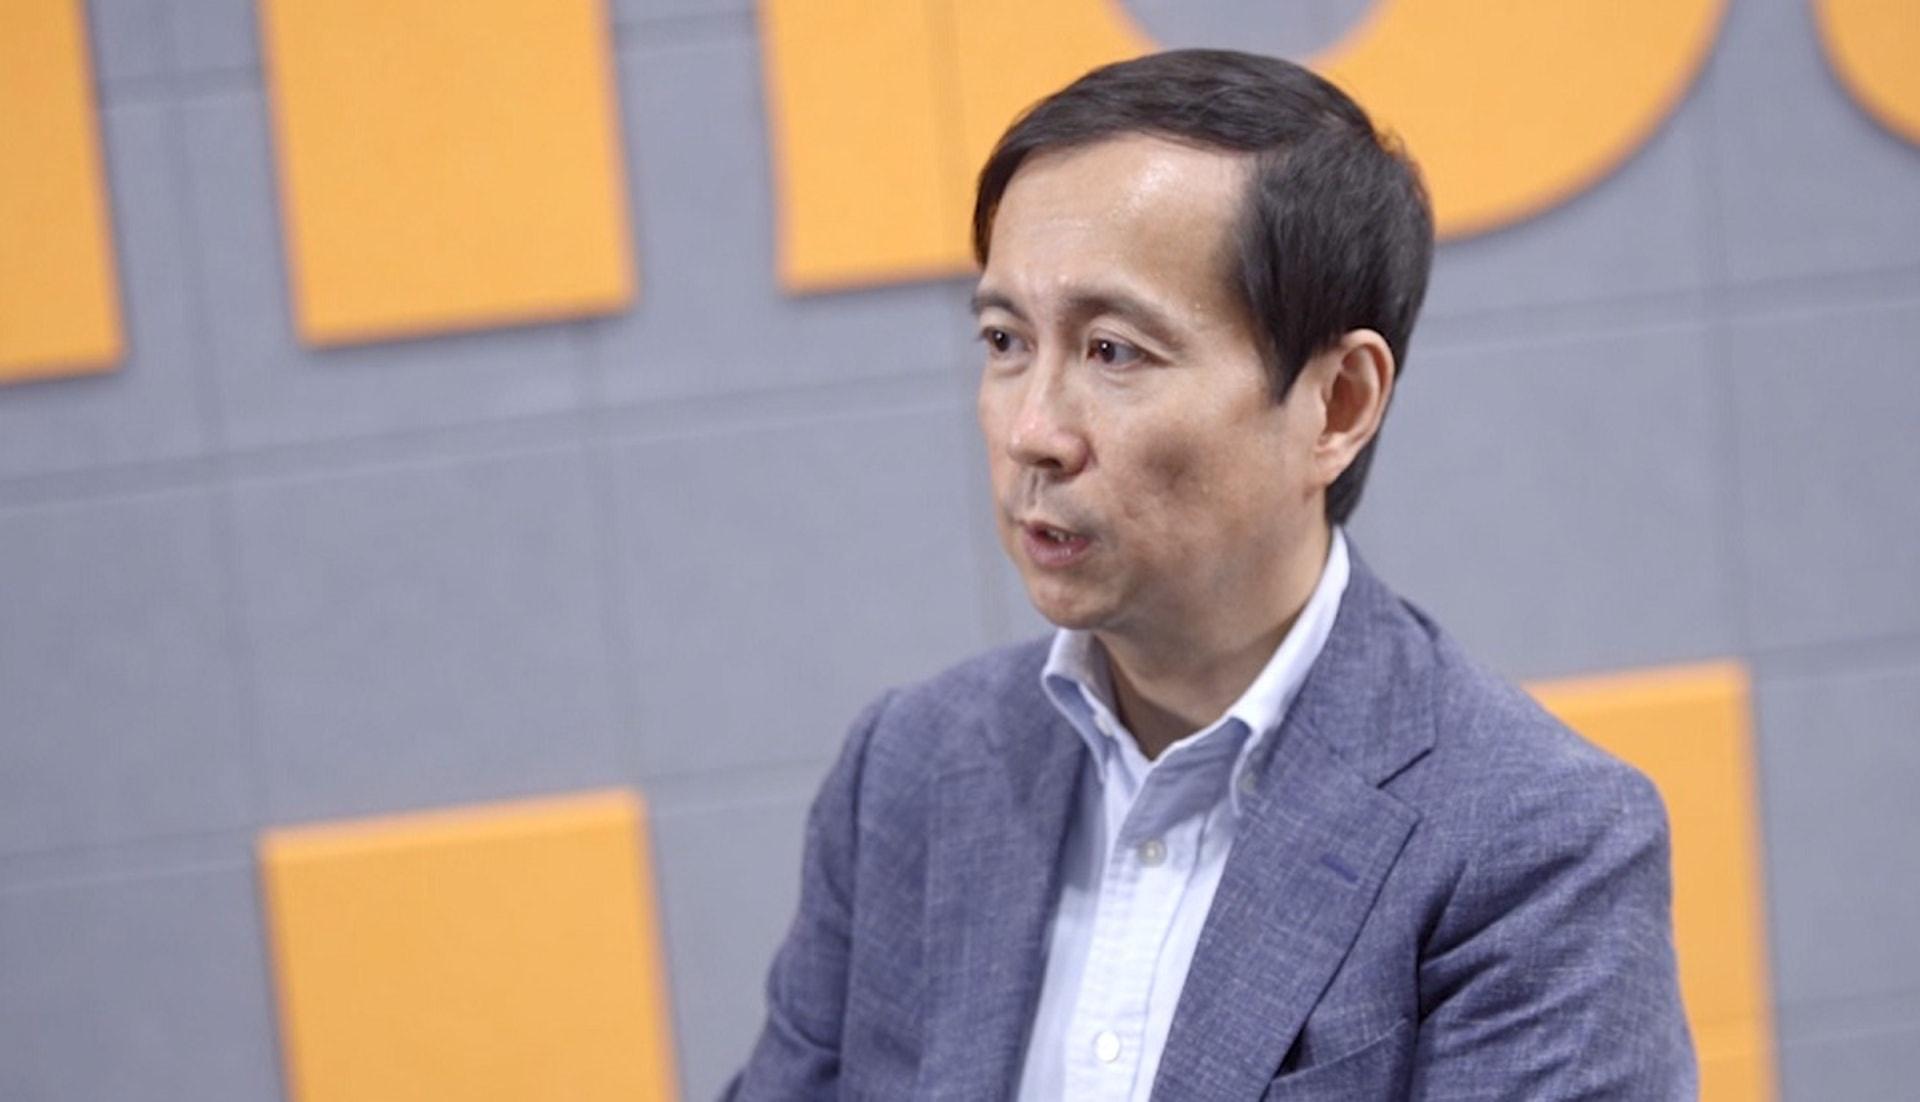 新冠肺炎 阿里巴巴時隔11年重啟春雷計劃:16項措施扶助中小企業 香港 ...